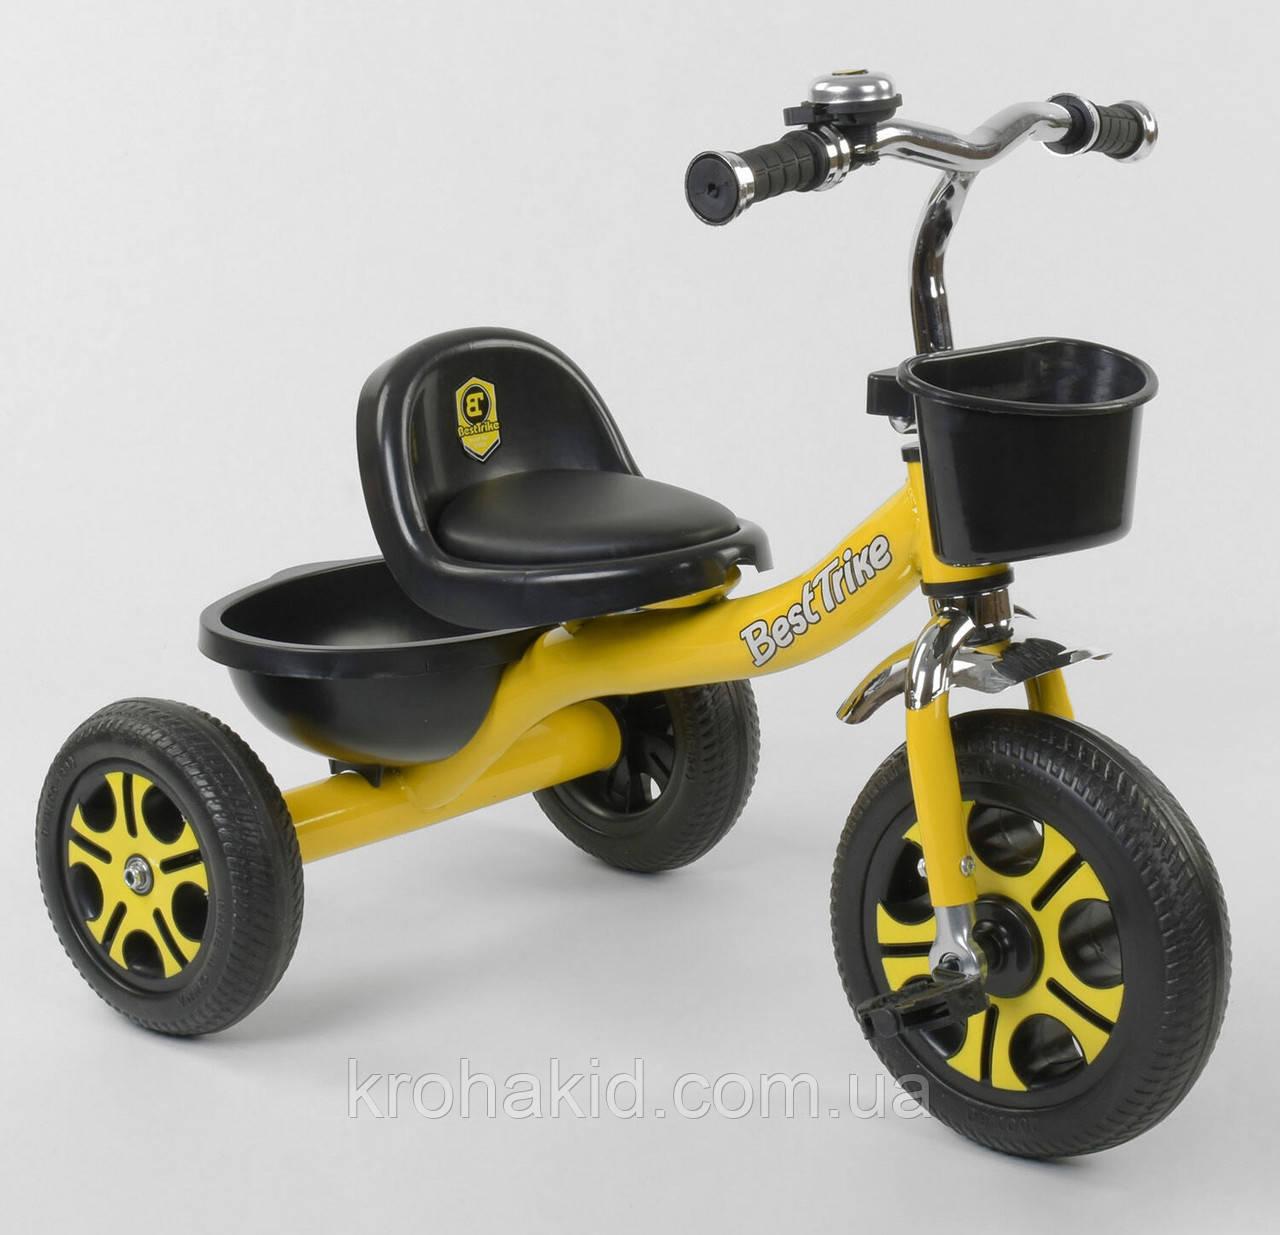 """Велосипед 3-х колёсный LM-9033 """"Best Trike"""", пено колесо, переднее d=26см, заднее d=20см, звоночек, 2 корзины,"""